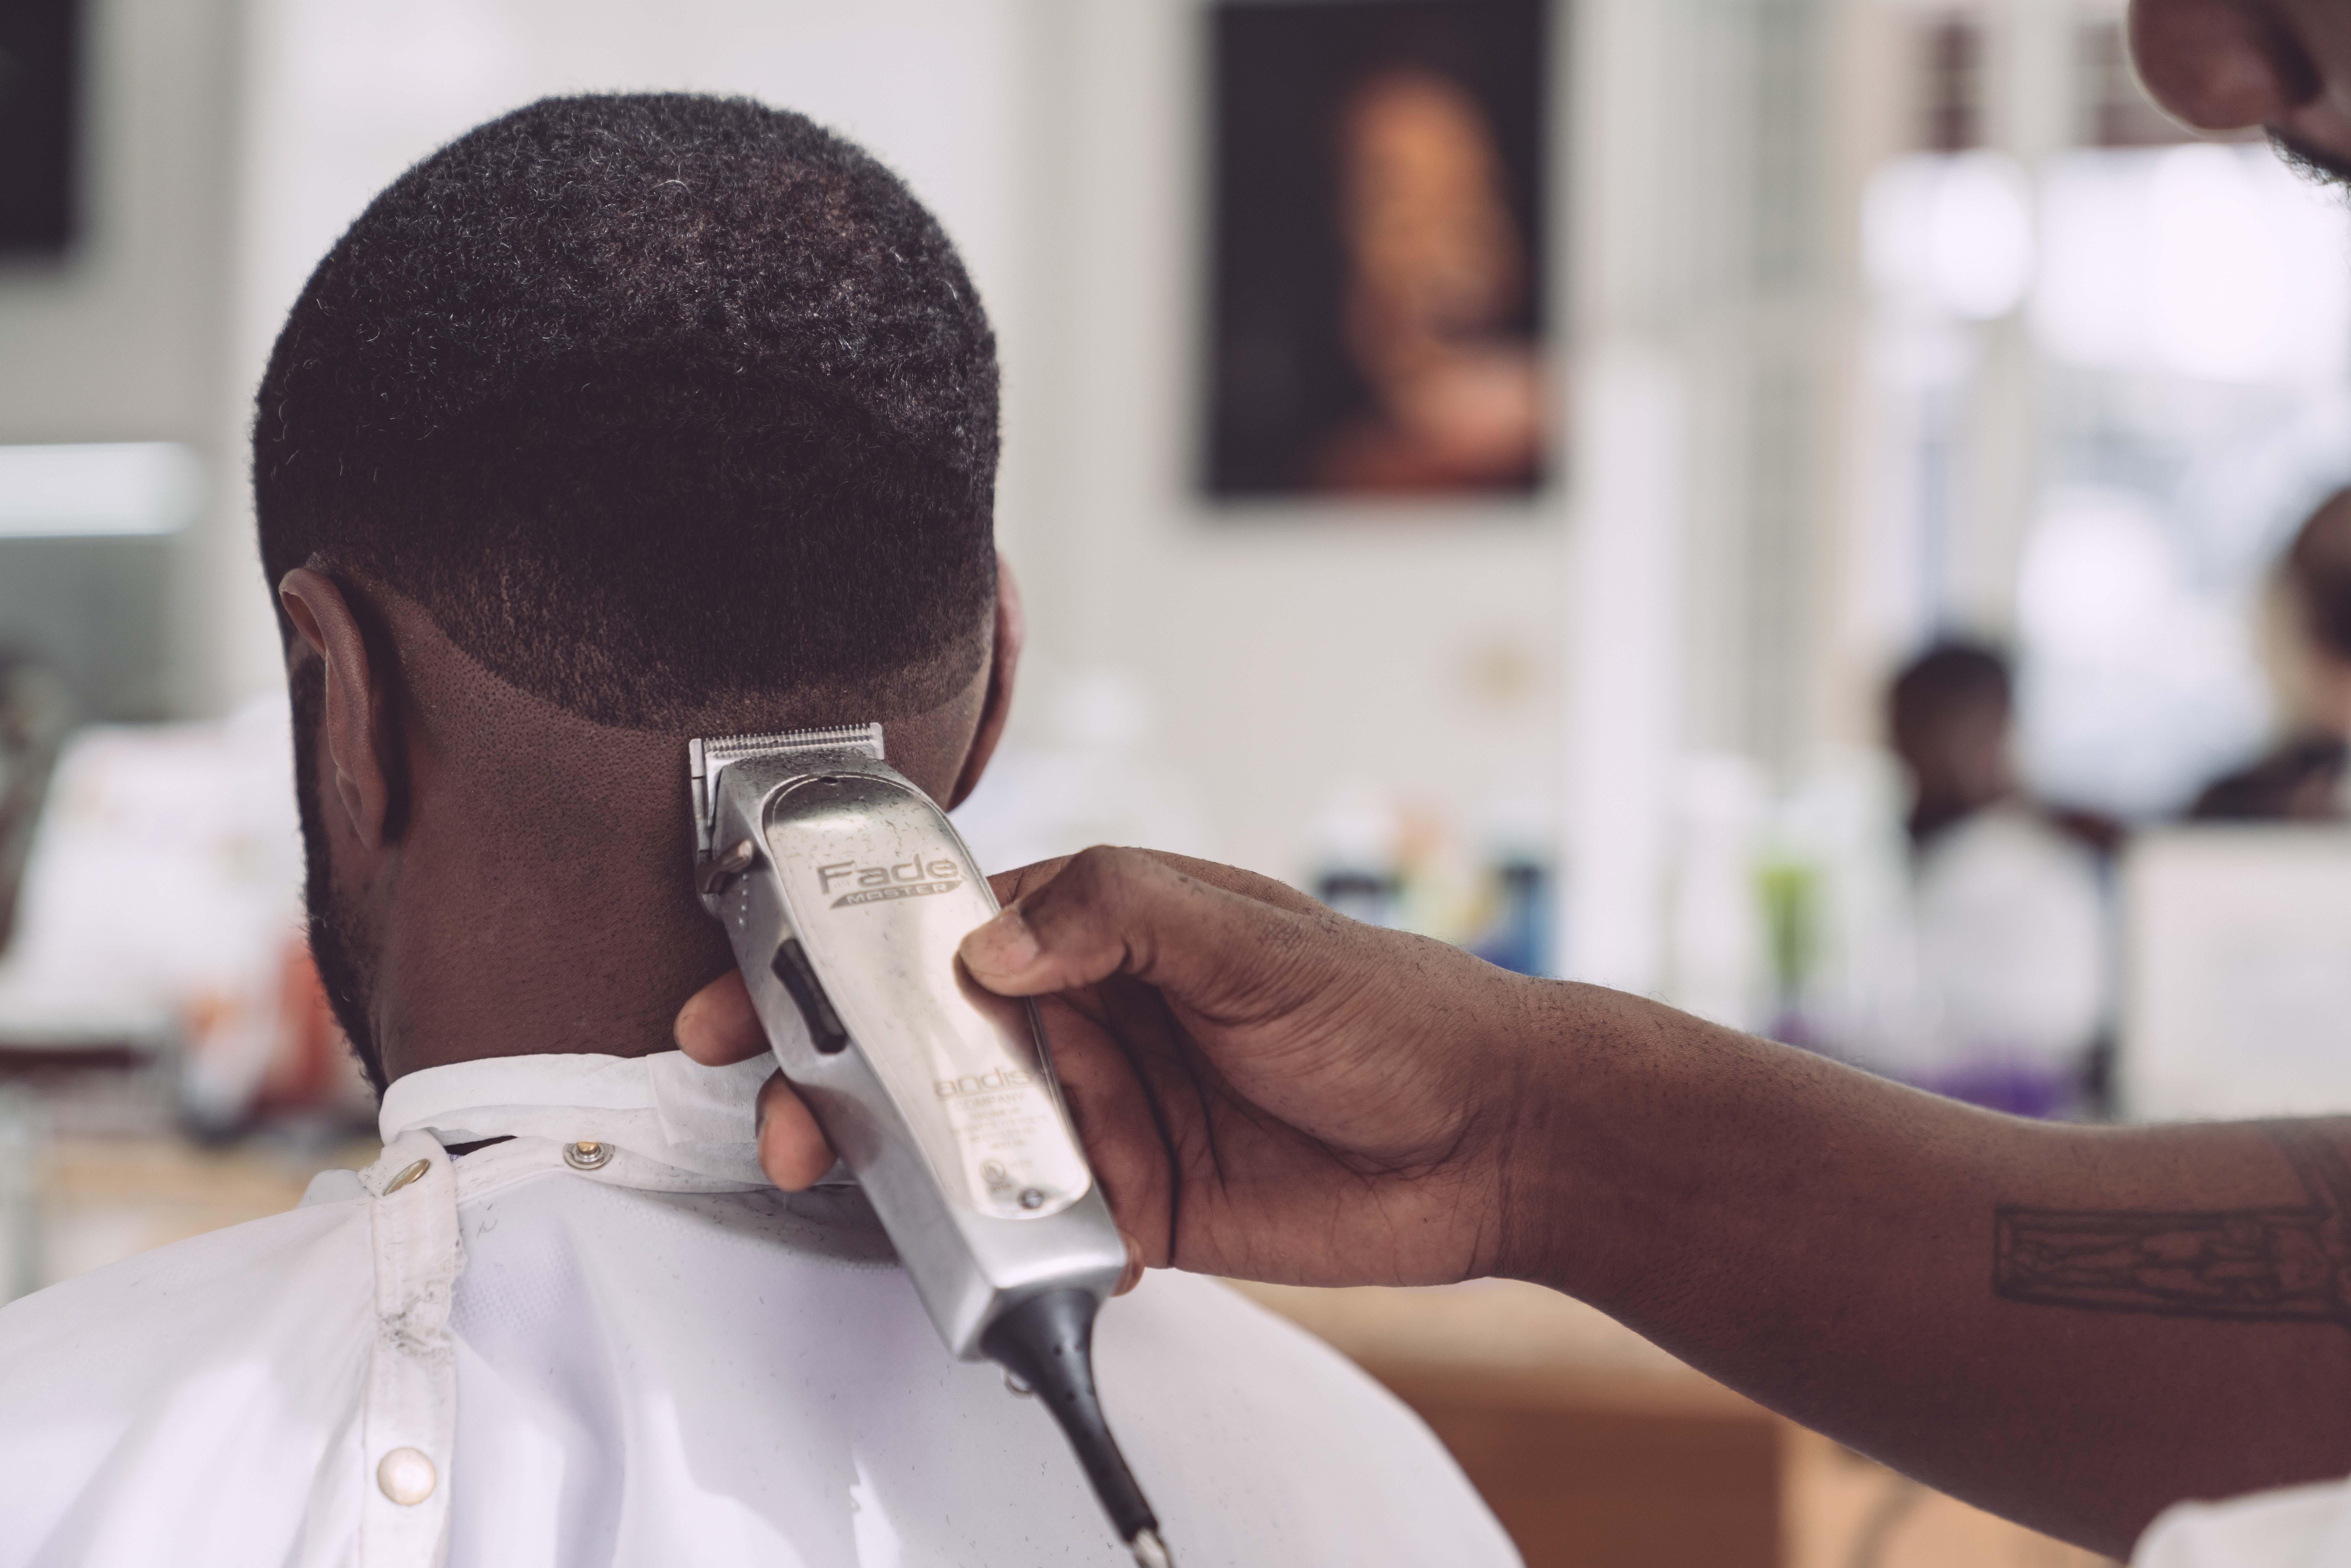 Avec quelle coupe vous sentez-vous le plus à l'aise ?